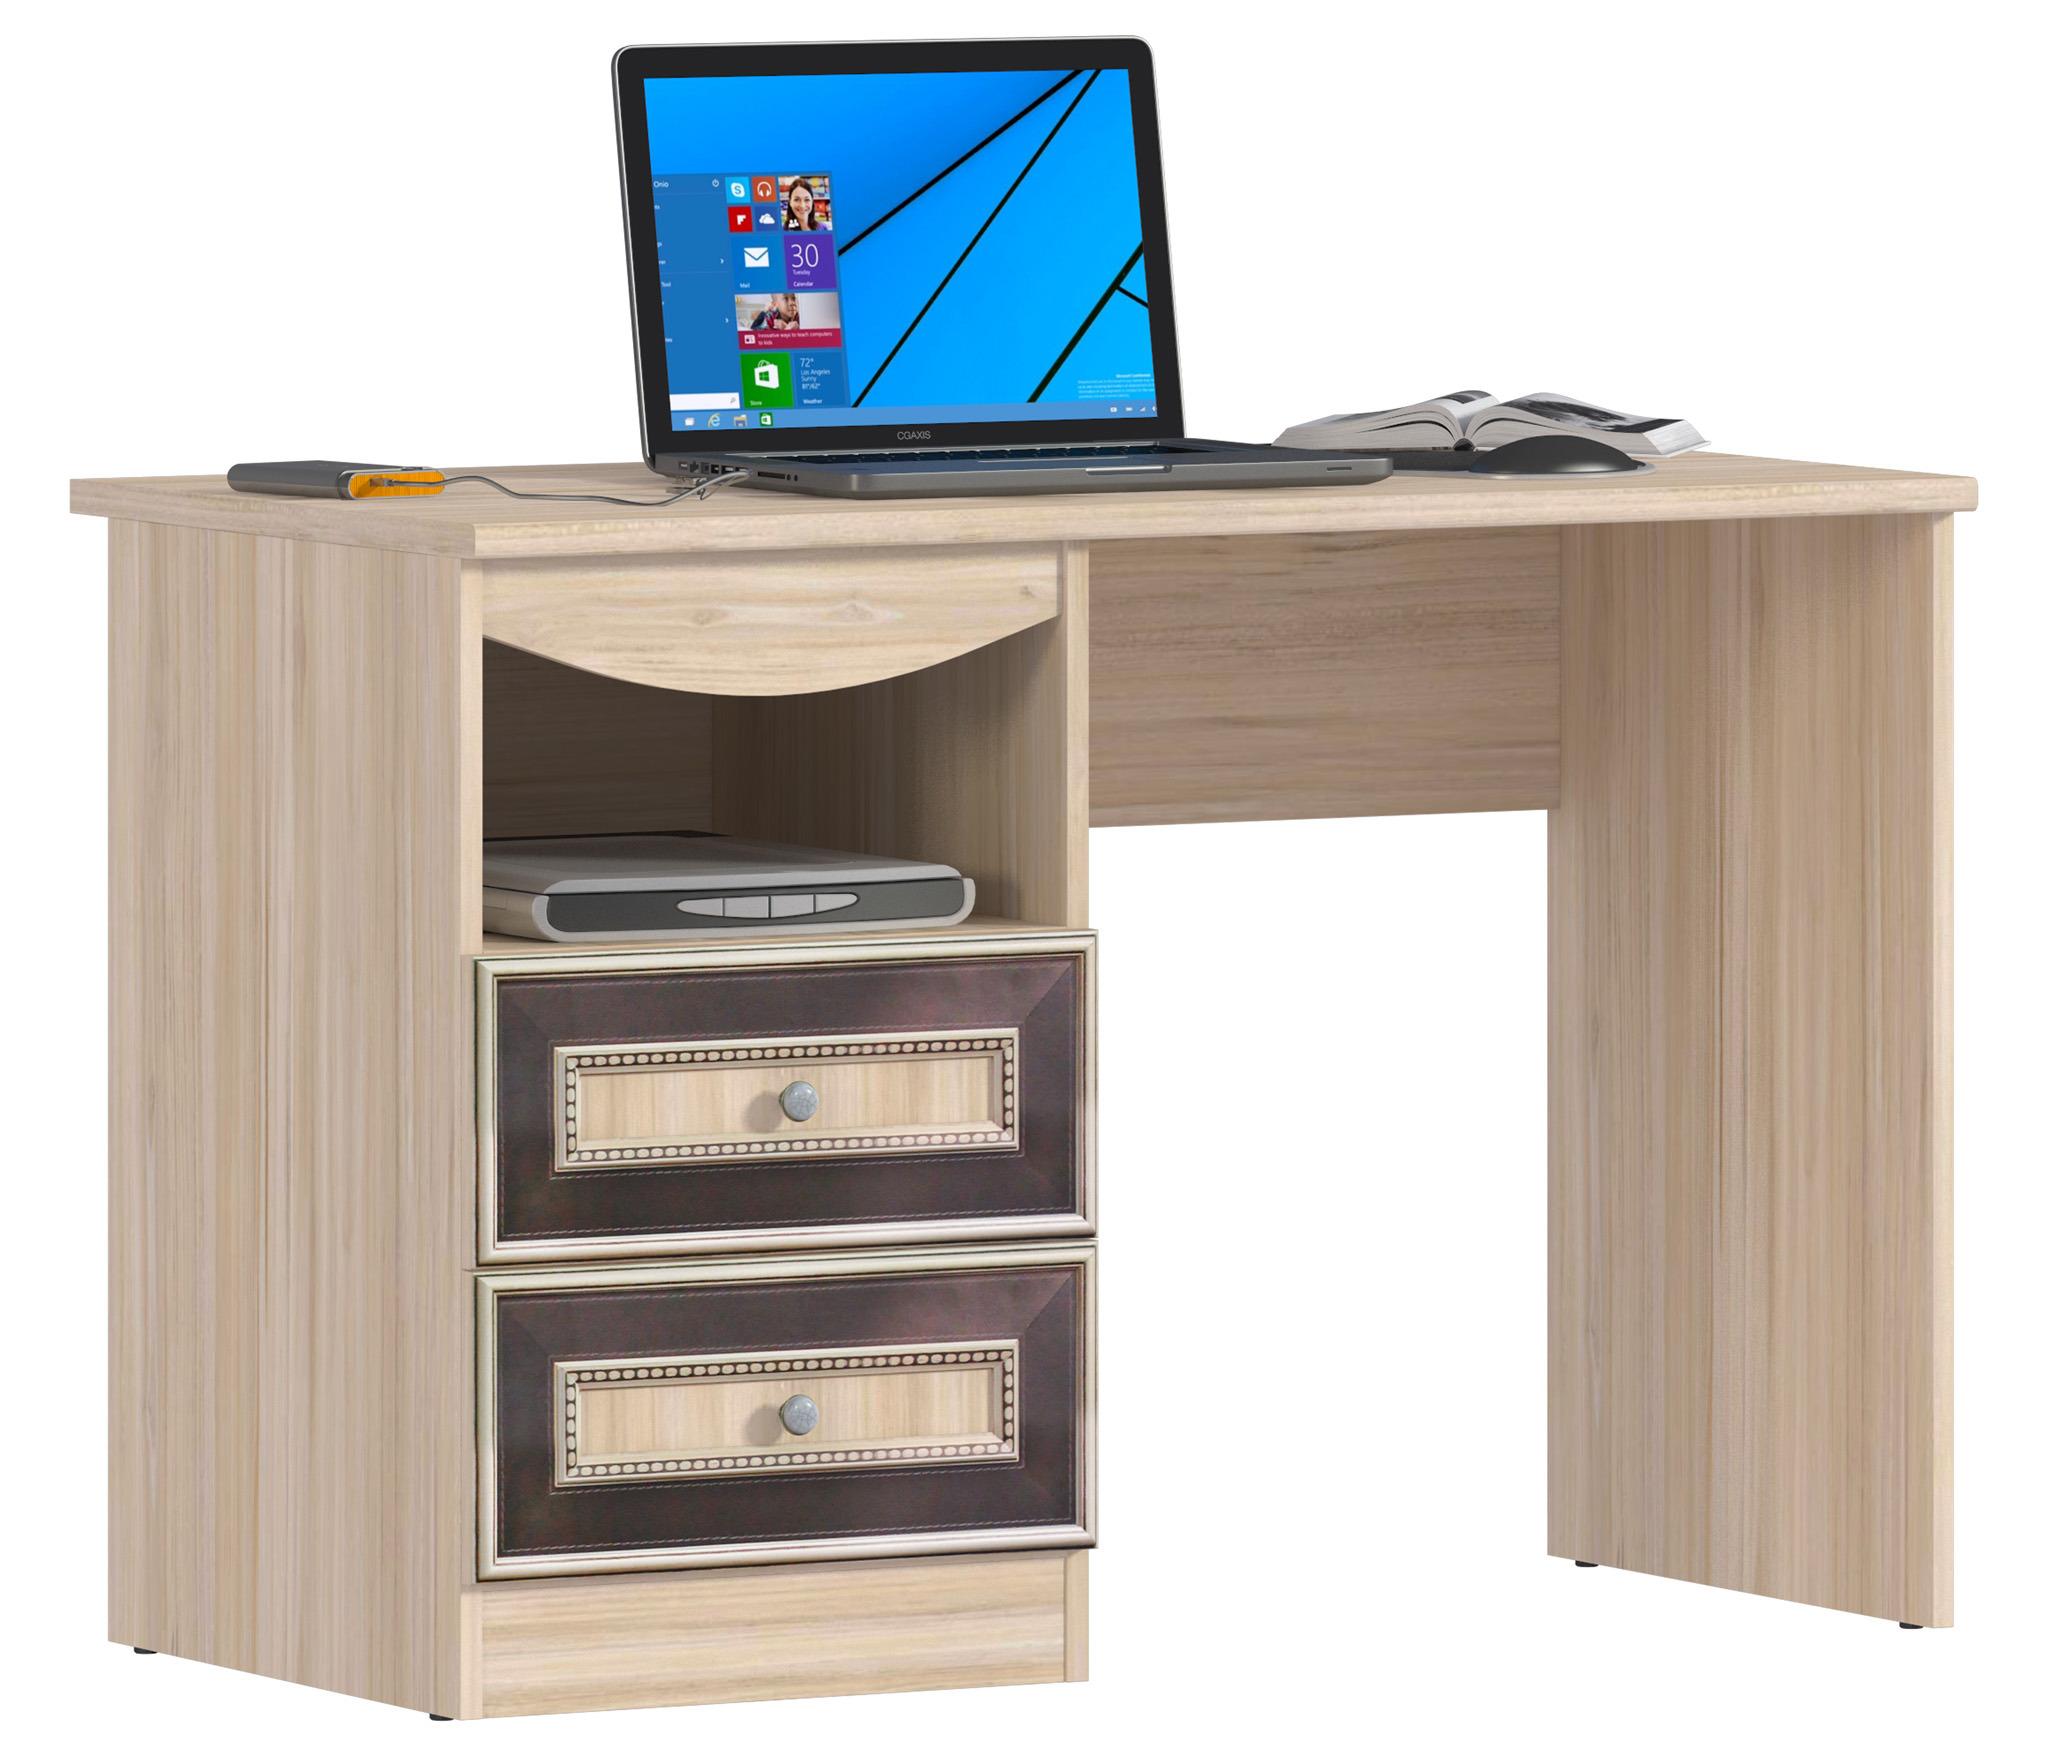 Персей СБ-1987 СтолДетские парты, столы и стулья<br>Удобный письменный стол   обязательный атрибут в любой современной квартире. А Персей СБ-1987 Стол – это не просто предмет мебели, а удивительно привлекательная и функциональная вещь. Качественная с высокопрочным покрытием столешница, одна открытая и две выдвигающиеся полки, органичная конструкция, оставляющая простор ногам, которые можно расположить в наиболее удобной позе – все это делает стол из серии  Персей  желанным гостем и в кабинете, и в молодежной комнате. Особо хочется подчеркнуть цветовое и фактурное решение. Светлая пастель «Слива Табеа» с ярко выраженной древесной структурой привносит в обстановку деловые и, в то же время, изысканные нотки. За таким столом и работается плодотворней.<br><br>Длина мм: 1100<br>Высота мм: 750<br>Глубина мм: 576<br>Форма: Прямой